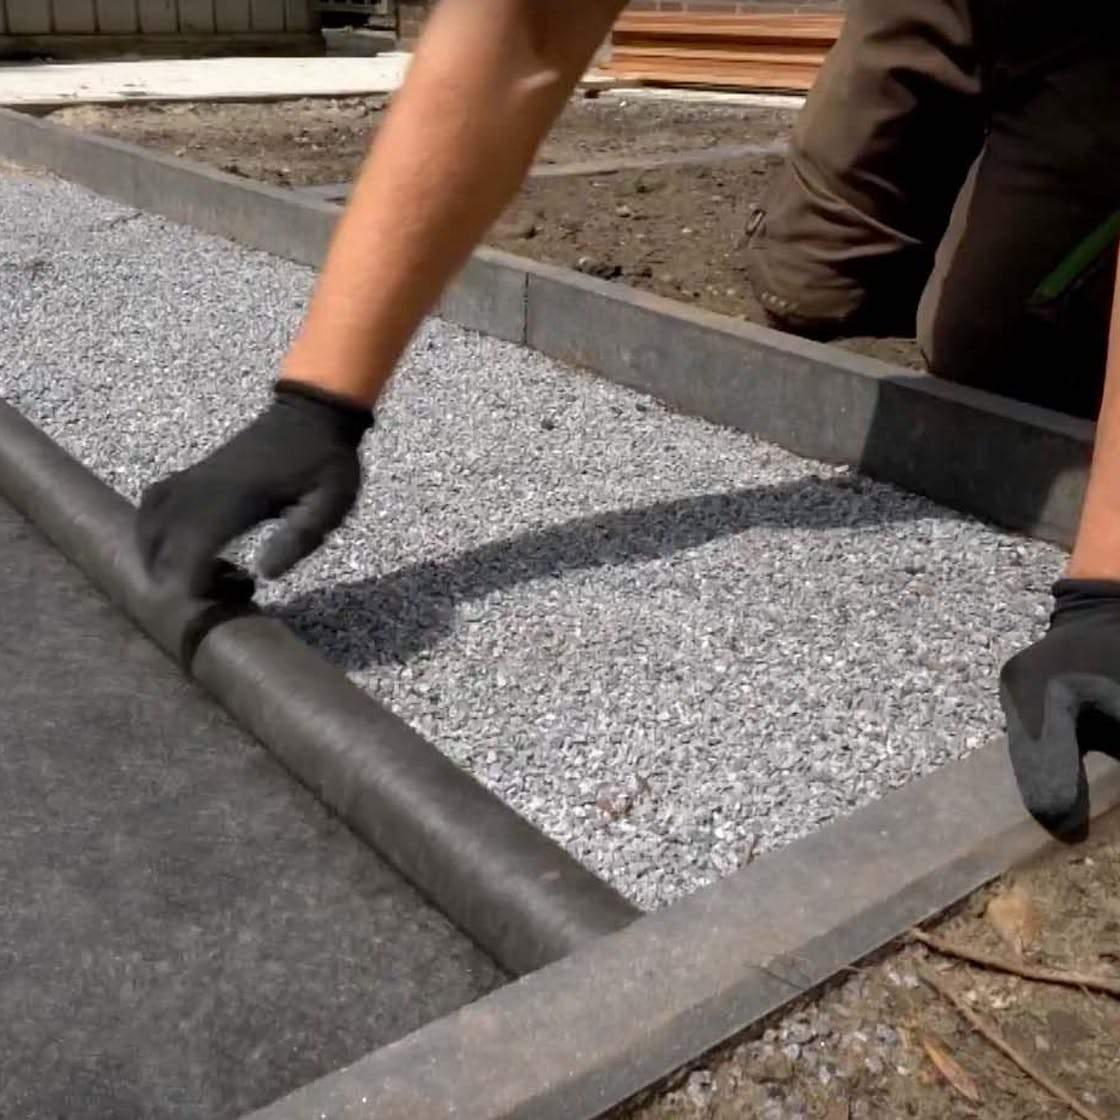 Handwerker Vliesbahnen Ausgleichsmaterial Terrassenbau